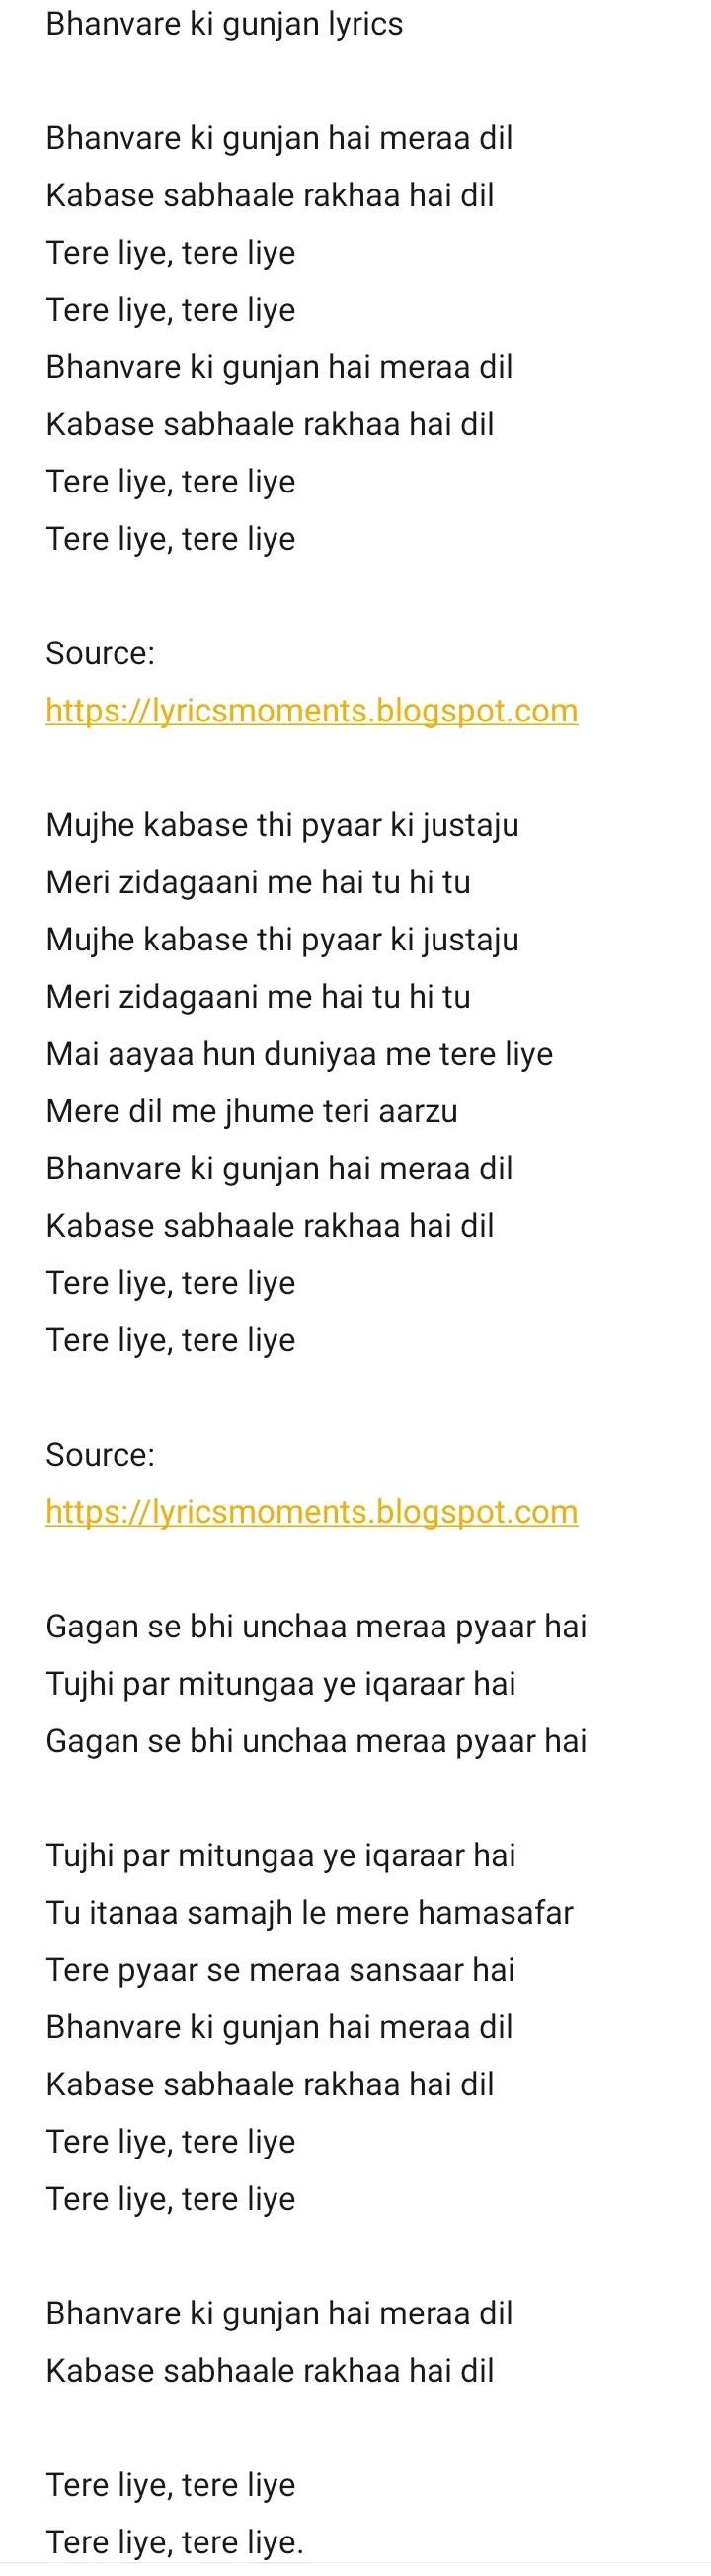 Bhanware ki gunjan lyrics - kishore kumar | kal aaj aur kal